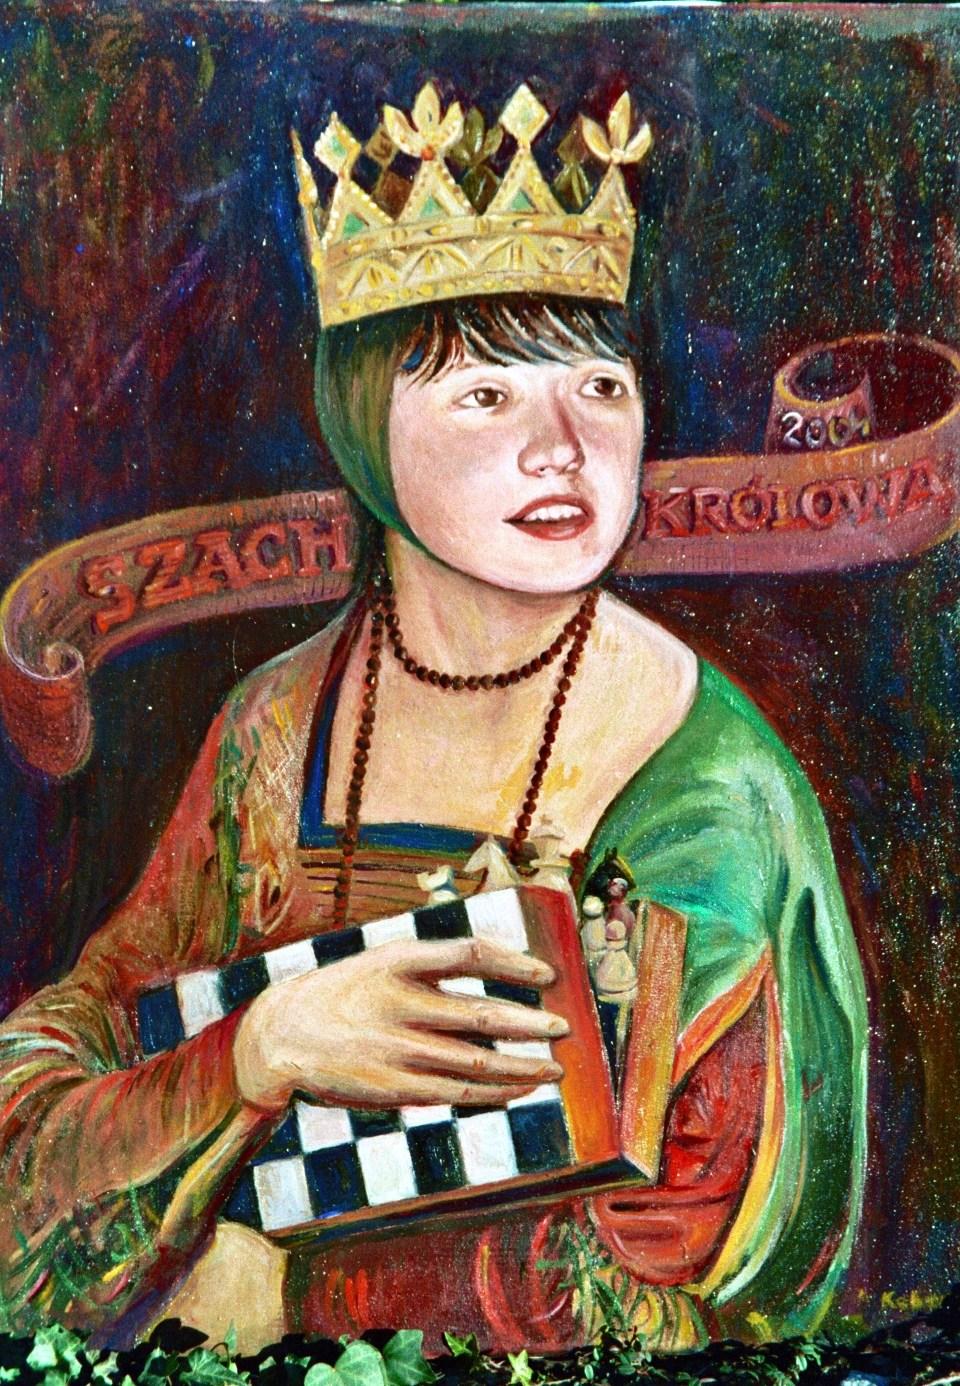 Jolanta Zawadzka, MUKS MDK Śródmieście Wrocław, mistrzyni świata juniorek w 2004 roku, obraz, Barbara Kobarts, interaktywny podręcznik szachowy, piękno szachów,